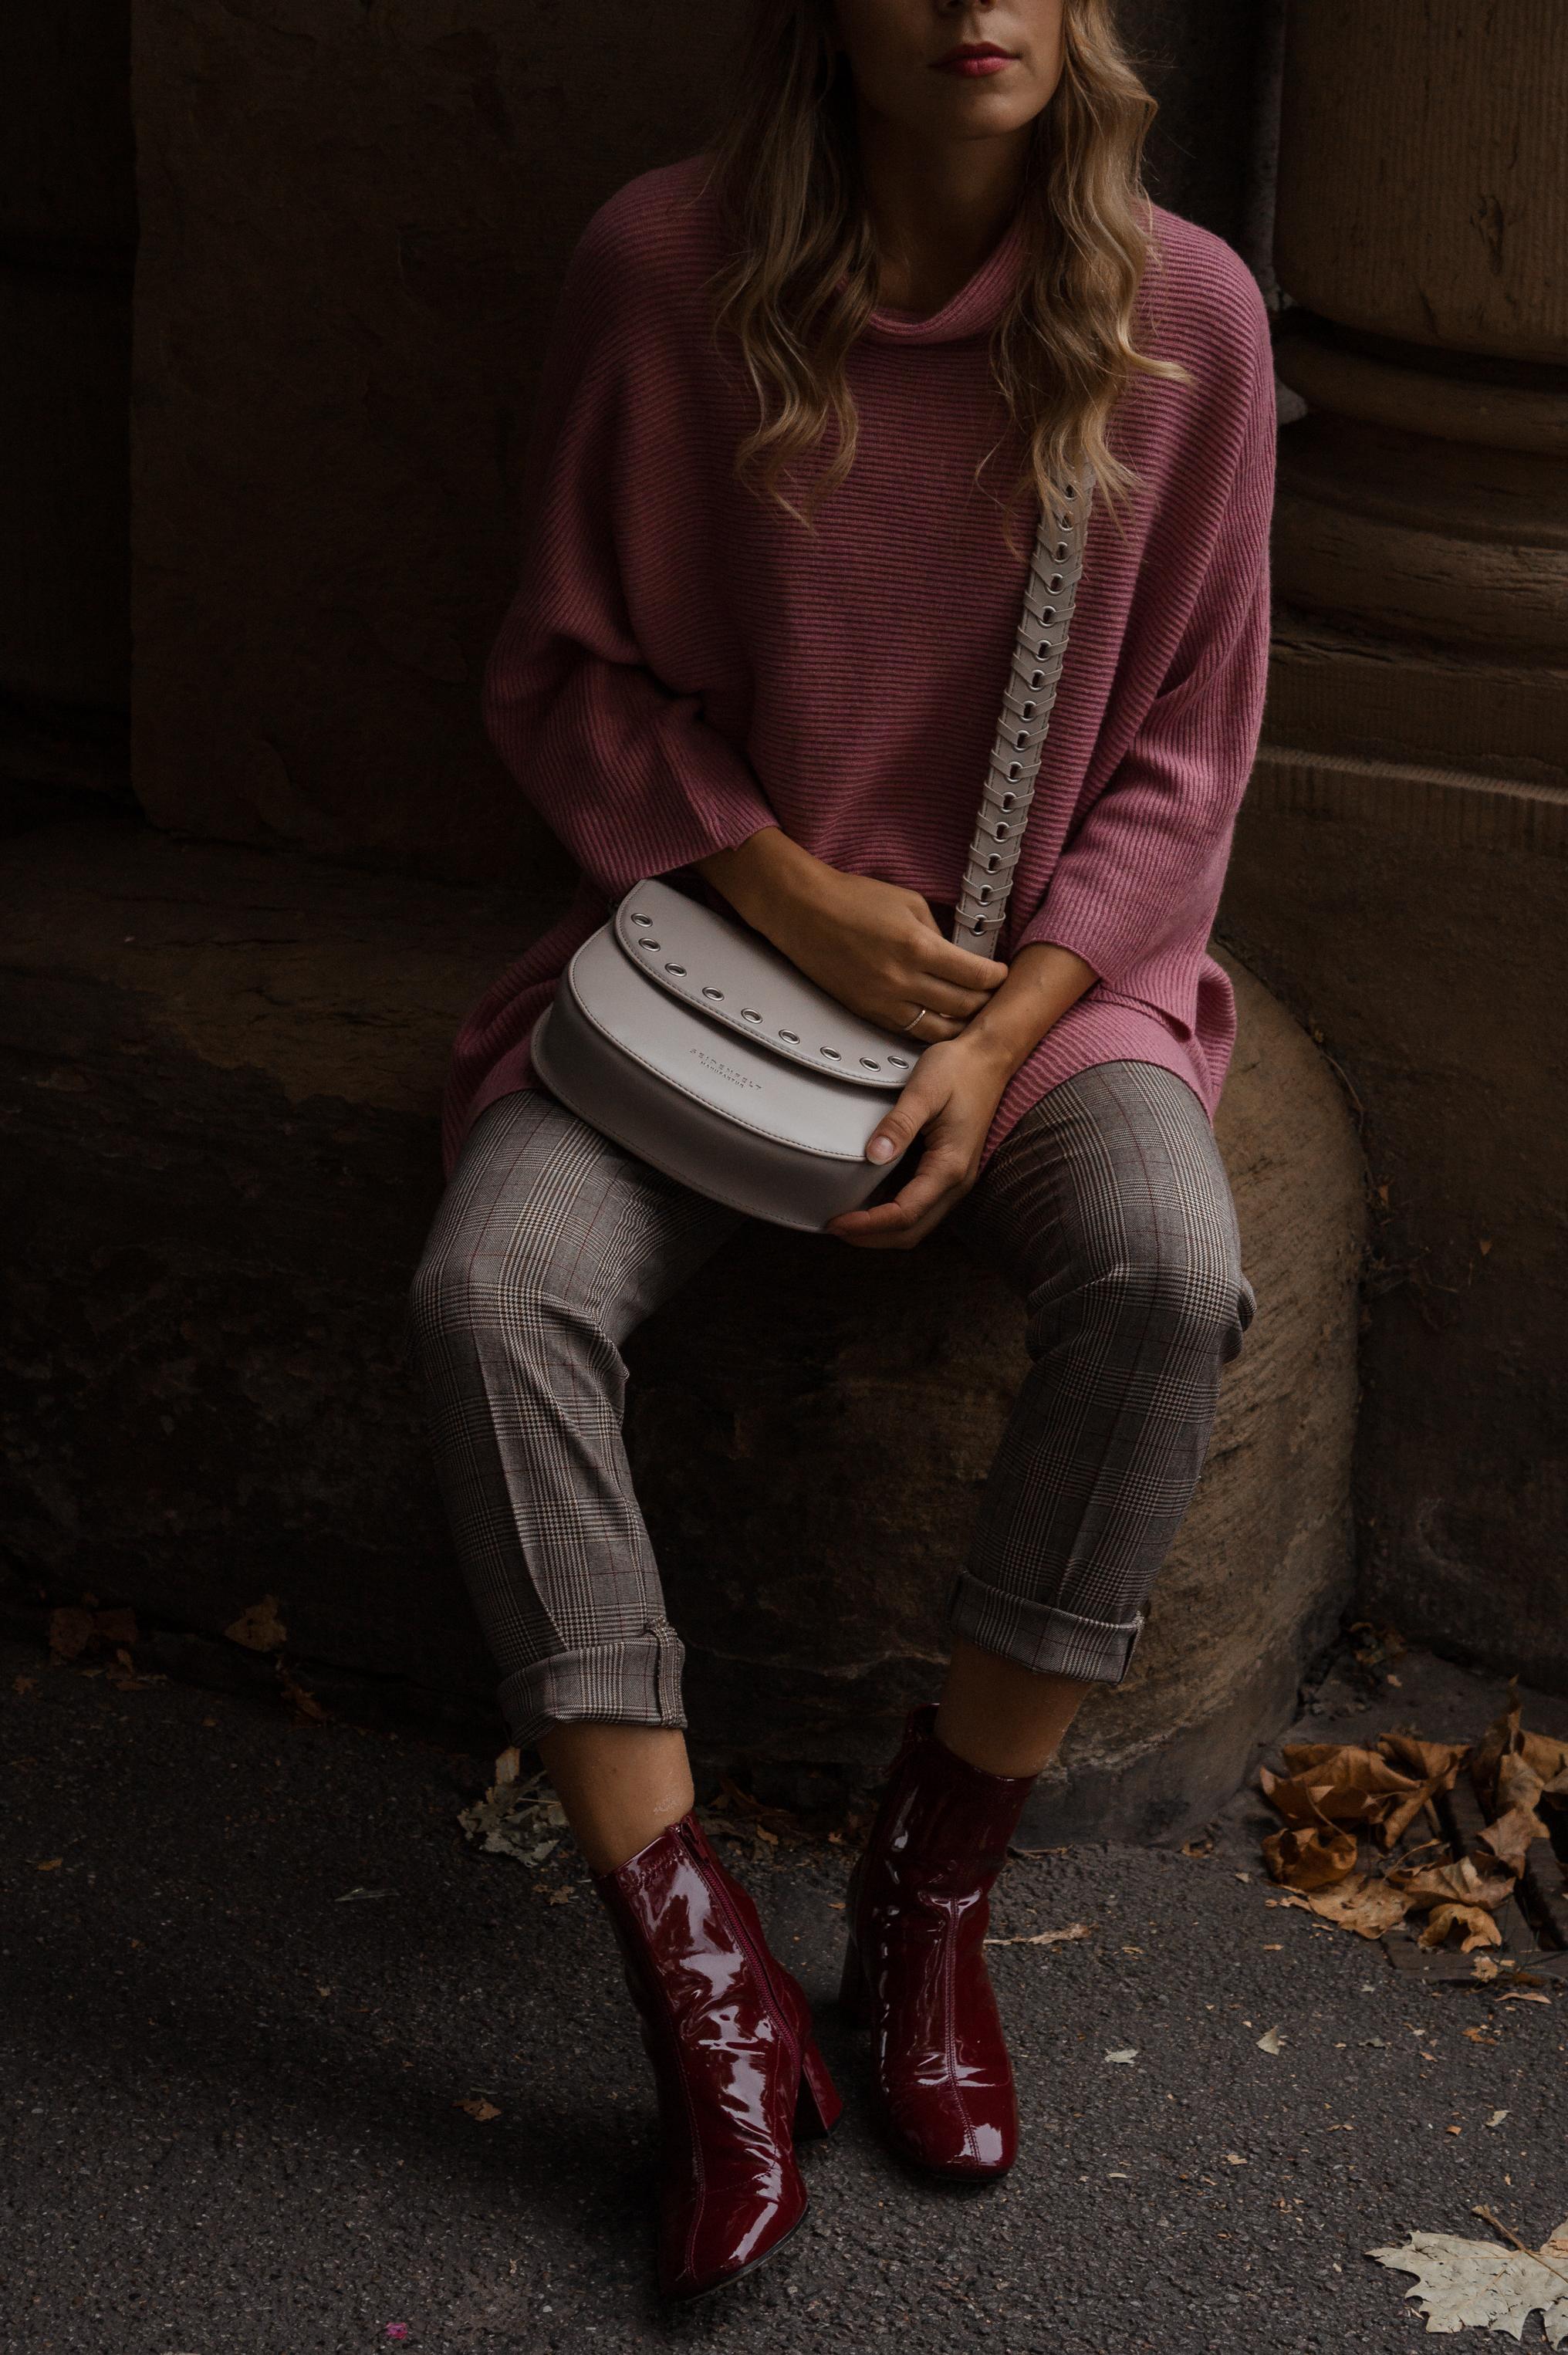 Instagram-Frust Seidenfelt Tasche Modeblogger Heidelberg Sariety Fashionblog Sarah Schäfer karierte Hose rote Lackschuhe_10